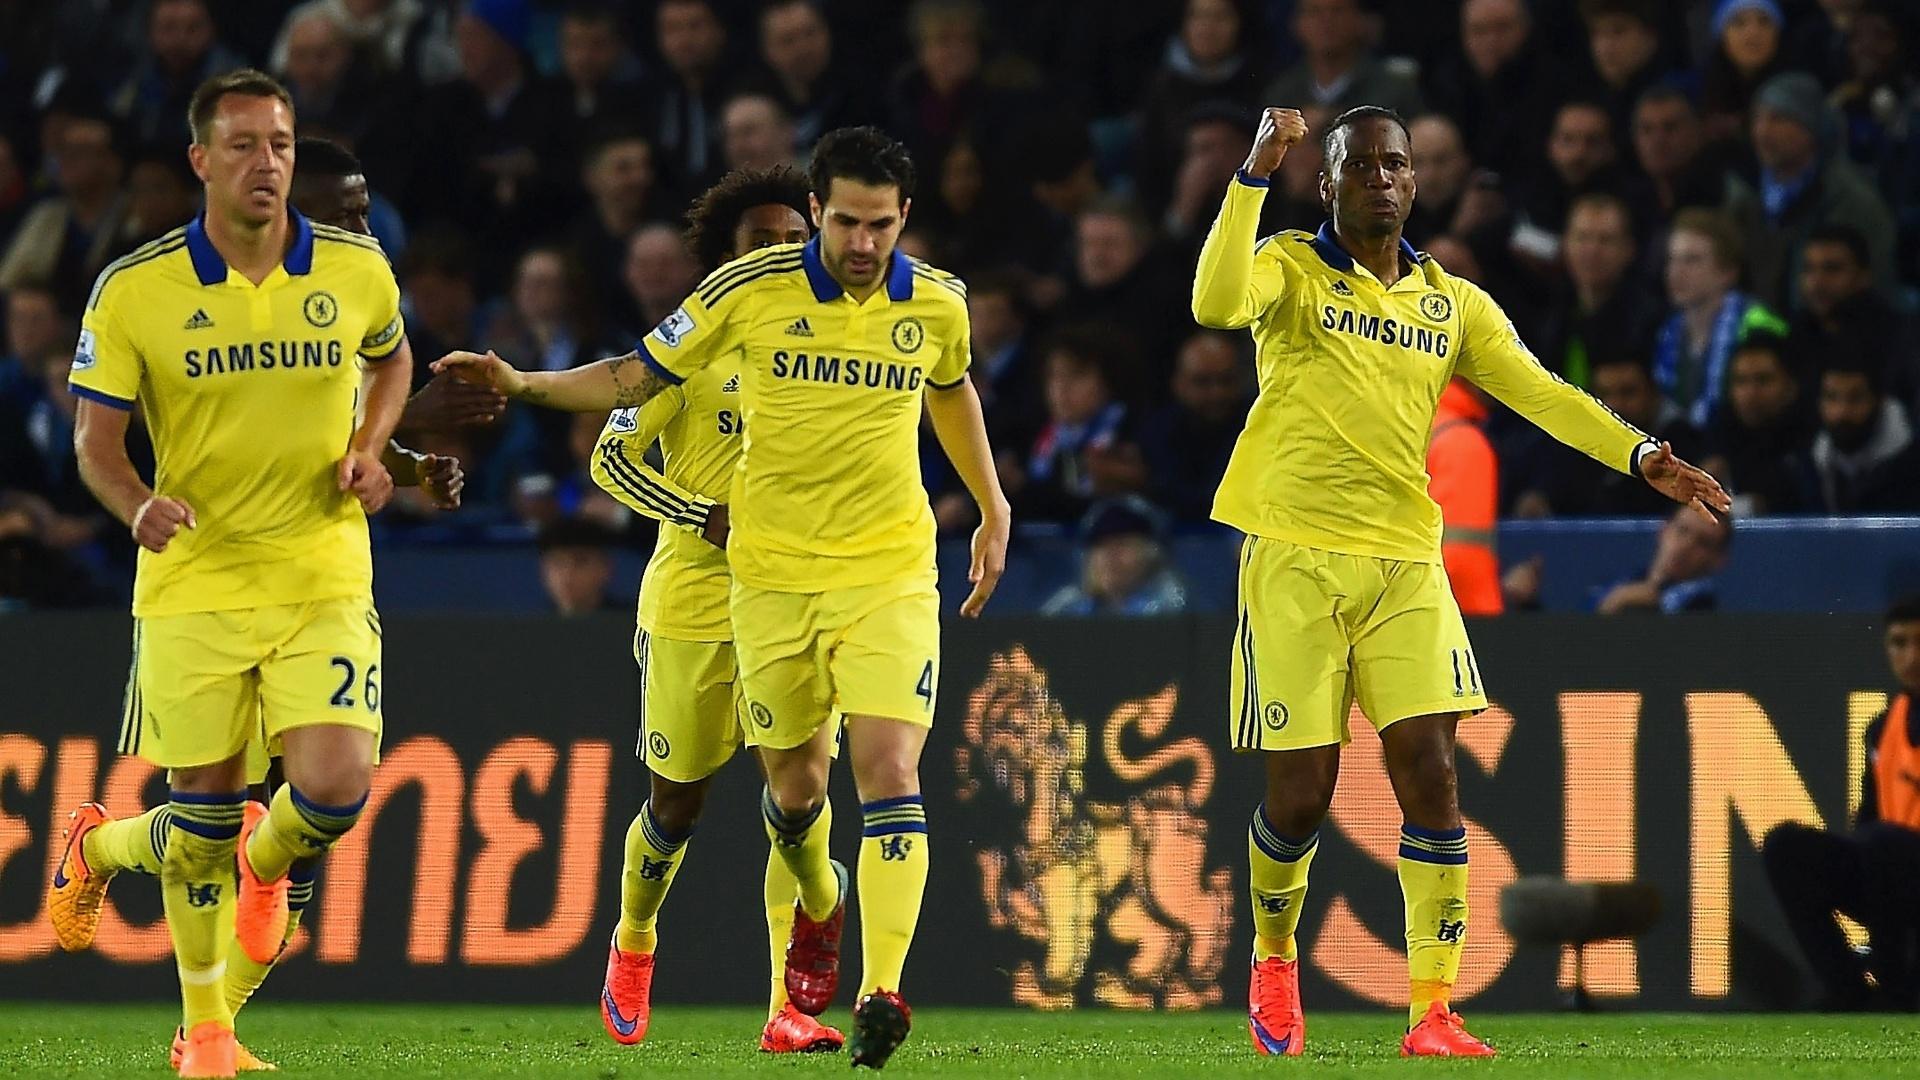 Drogba comemora seu gol com os jogadores do Chelsea